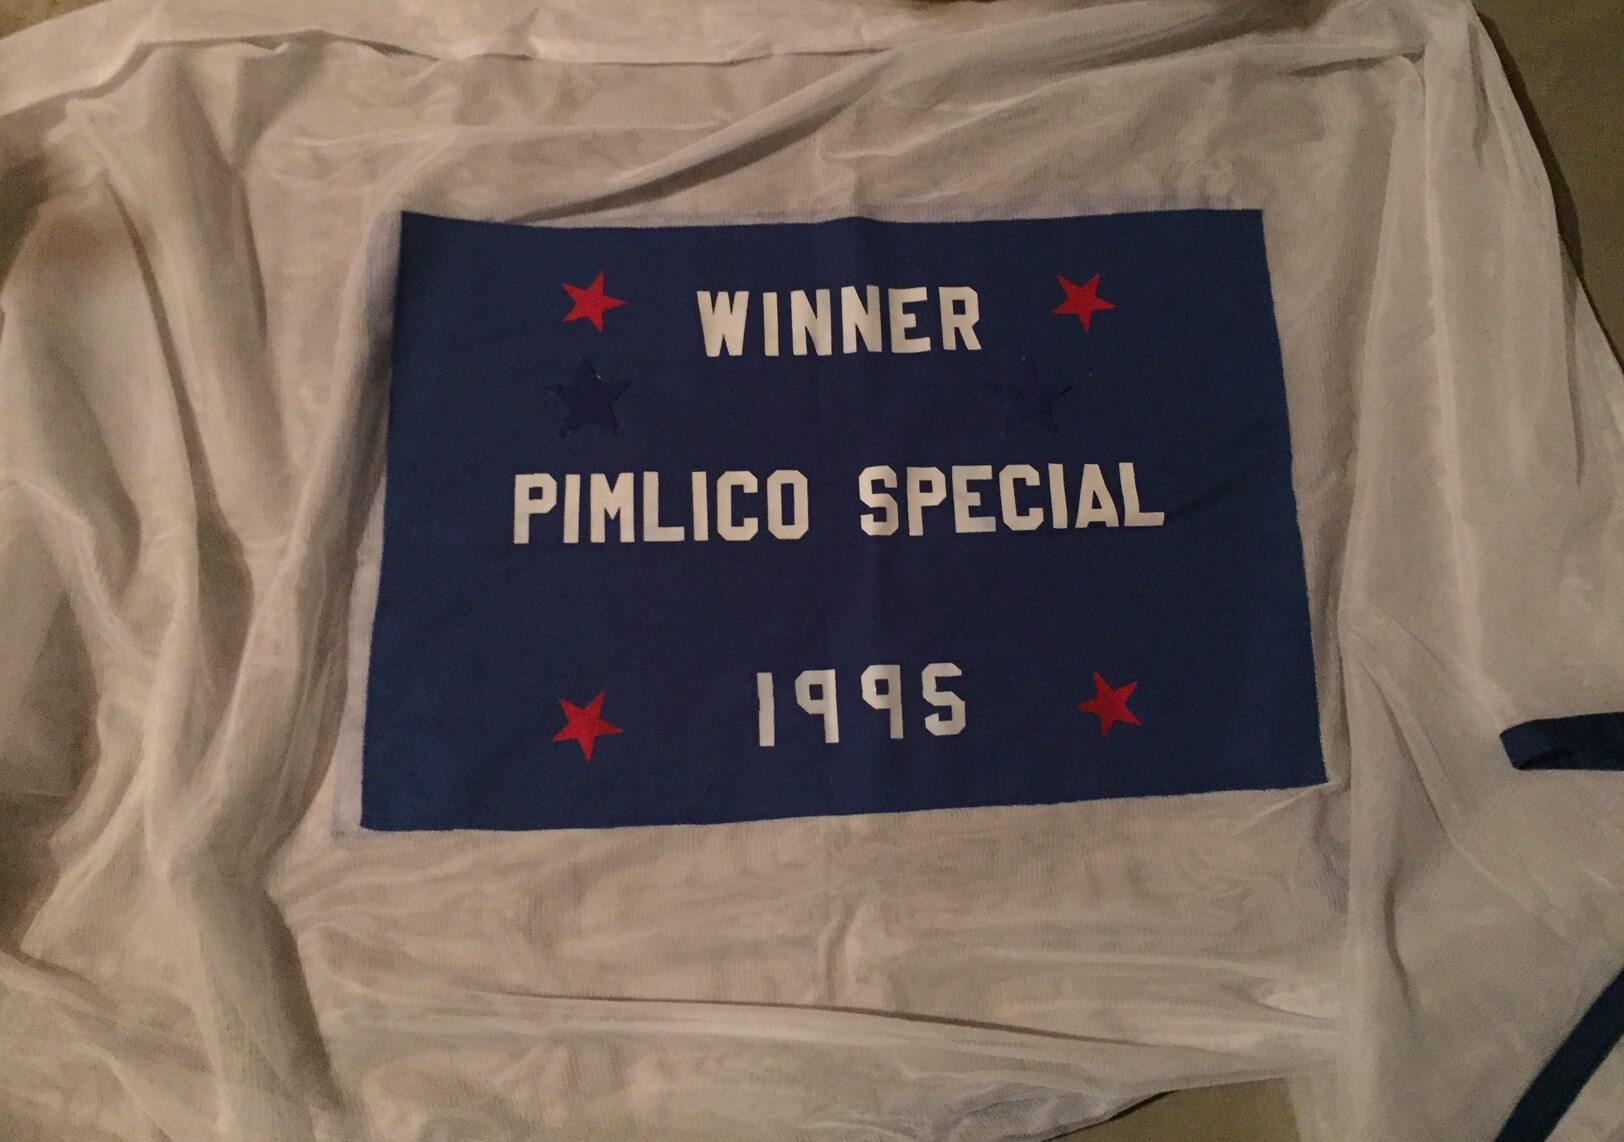 cigar 95 pimlico special